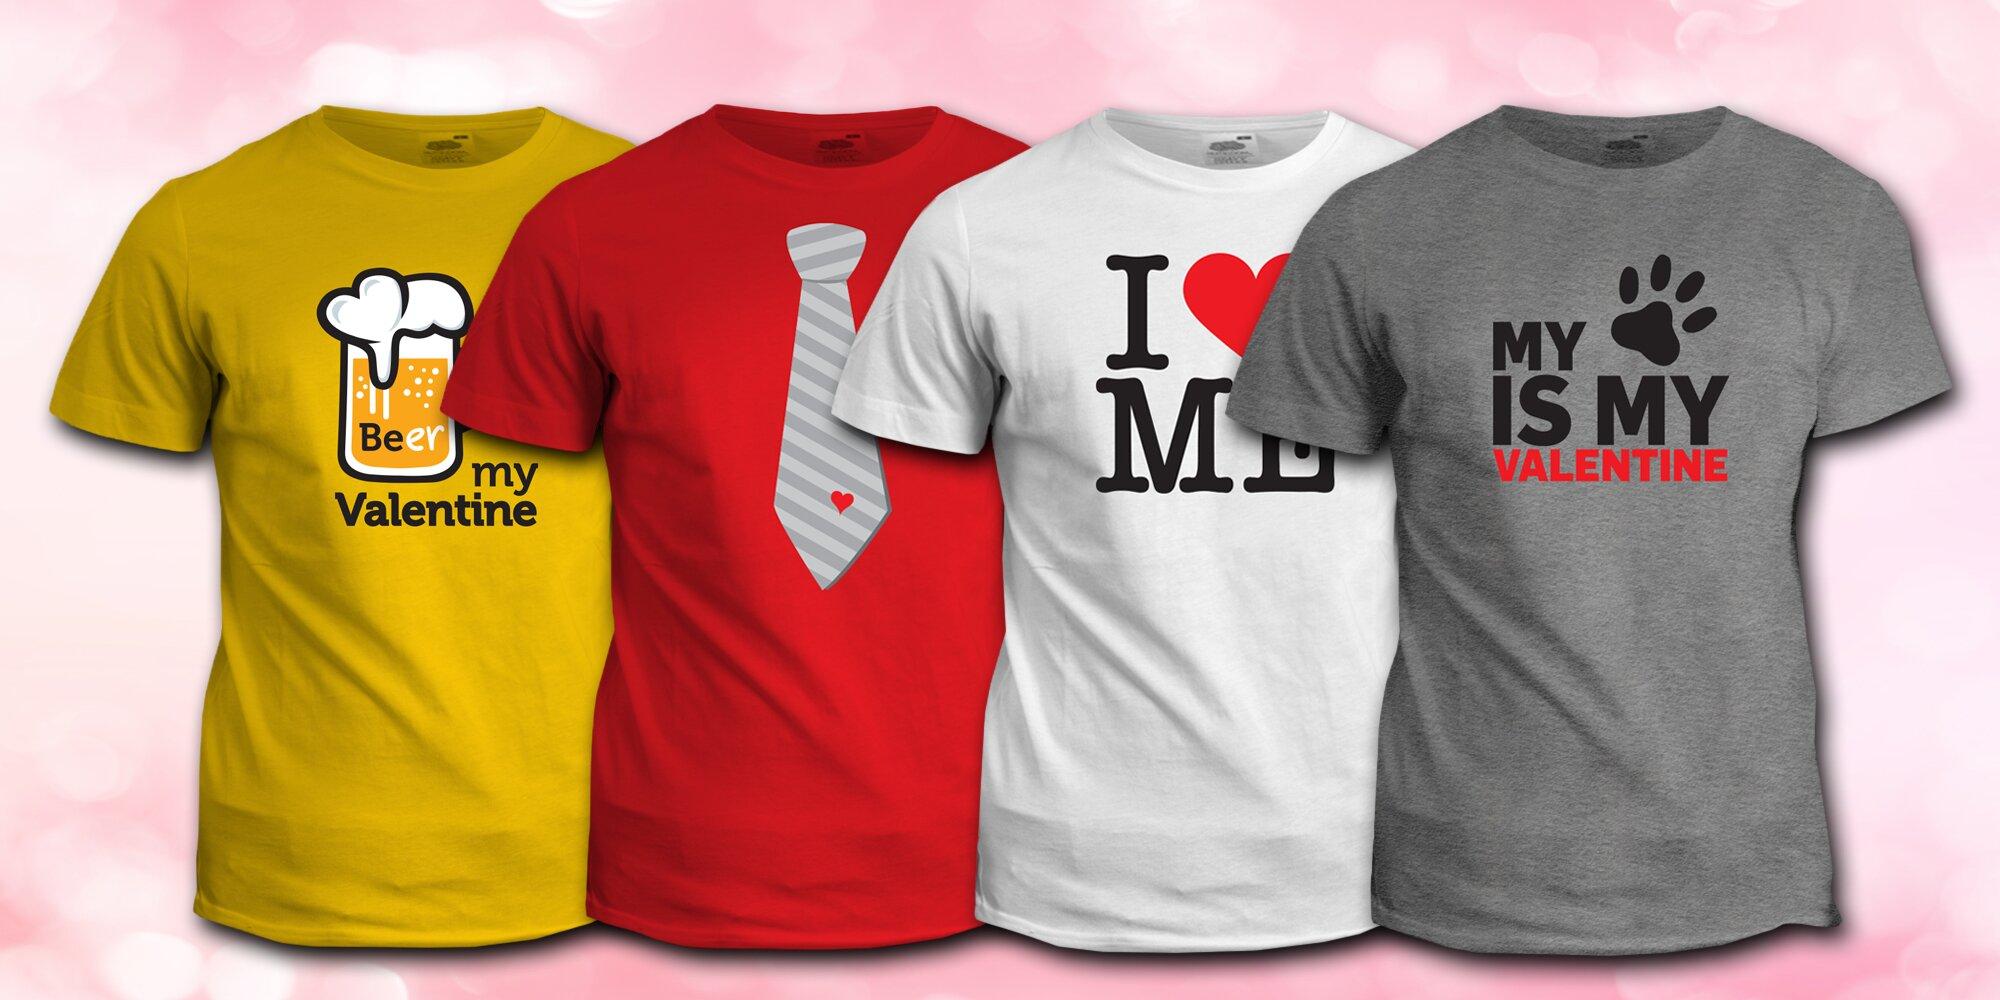 35db5c15a975 Hravá trička s povedeným valentýnským potiskem